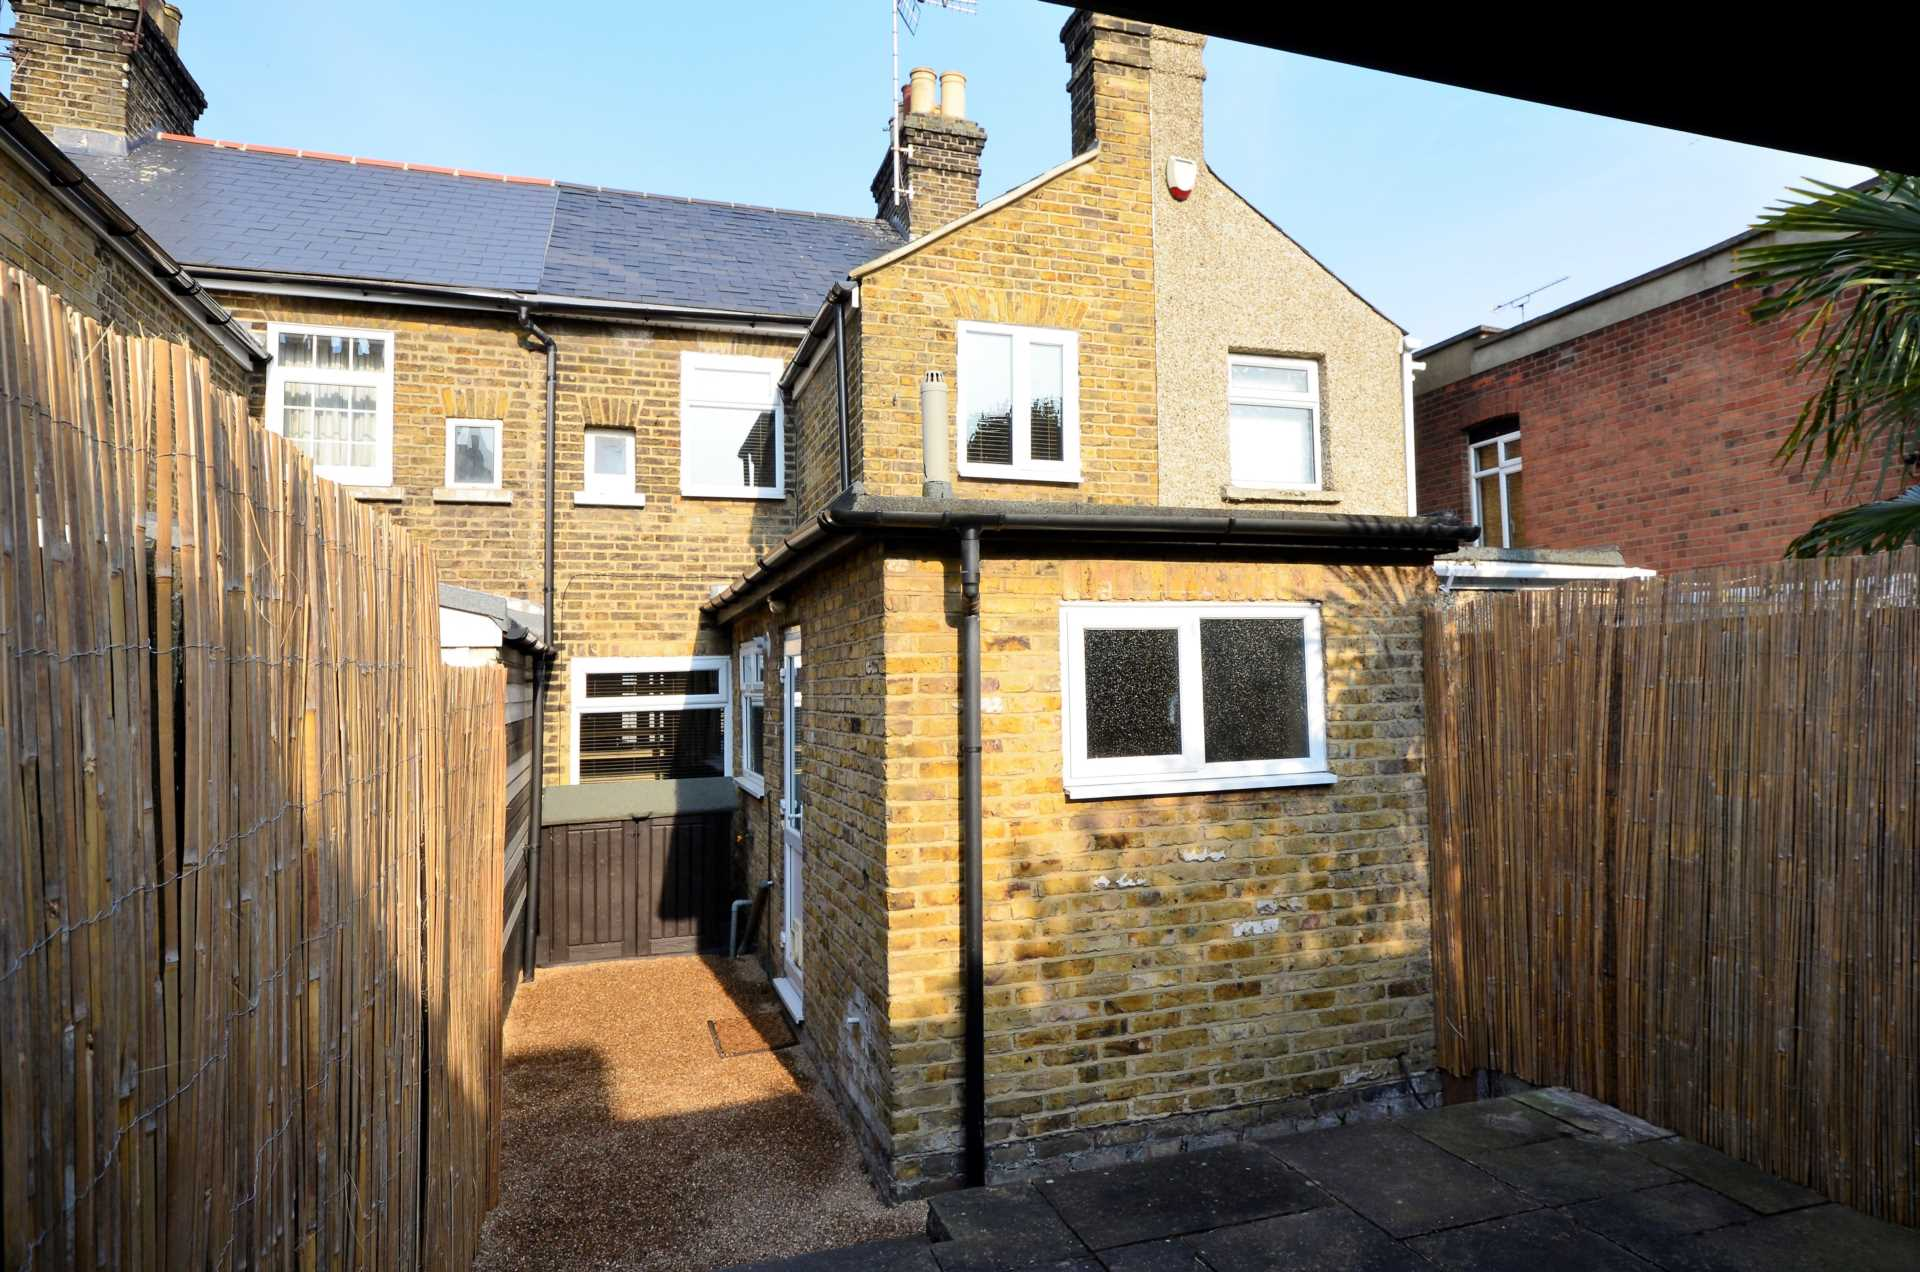 Swan Lane, Wickford, Image 11